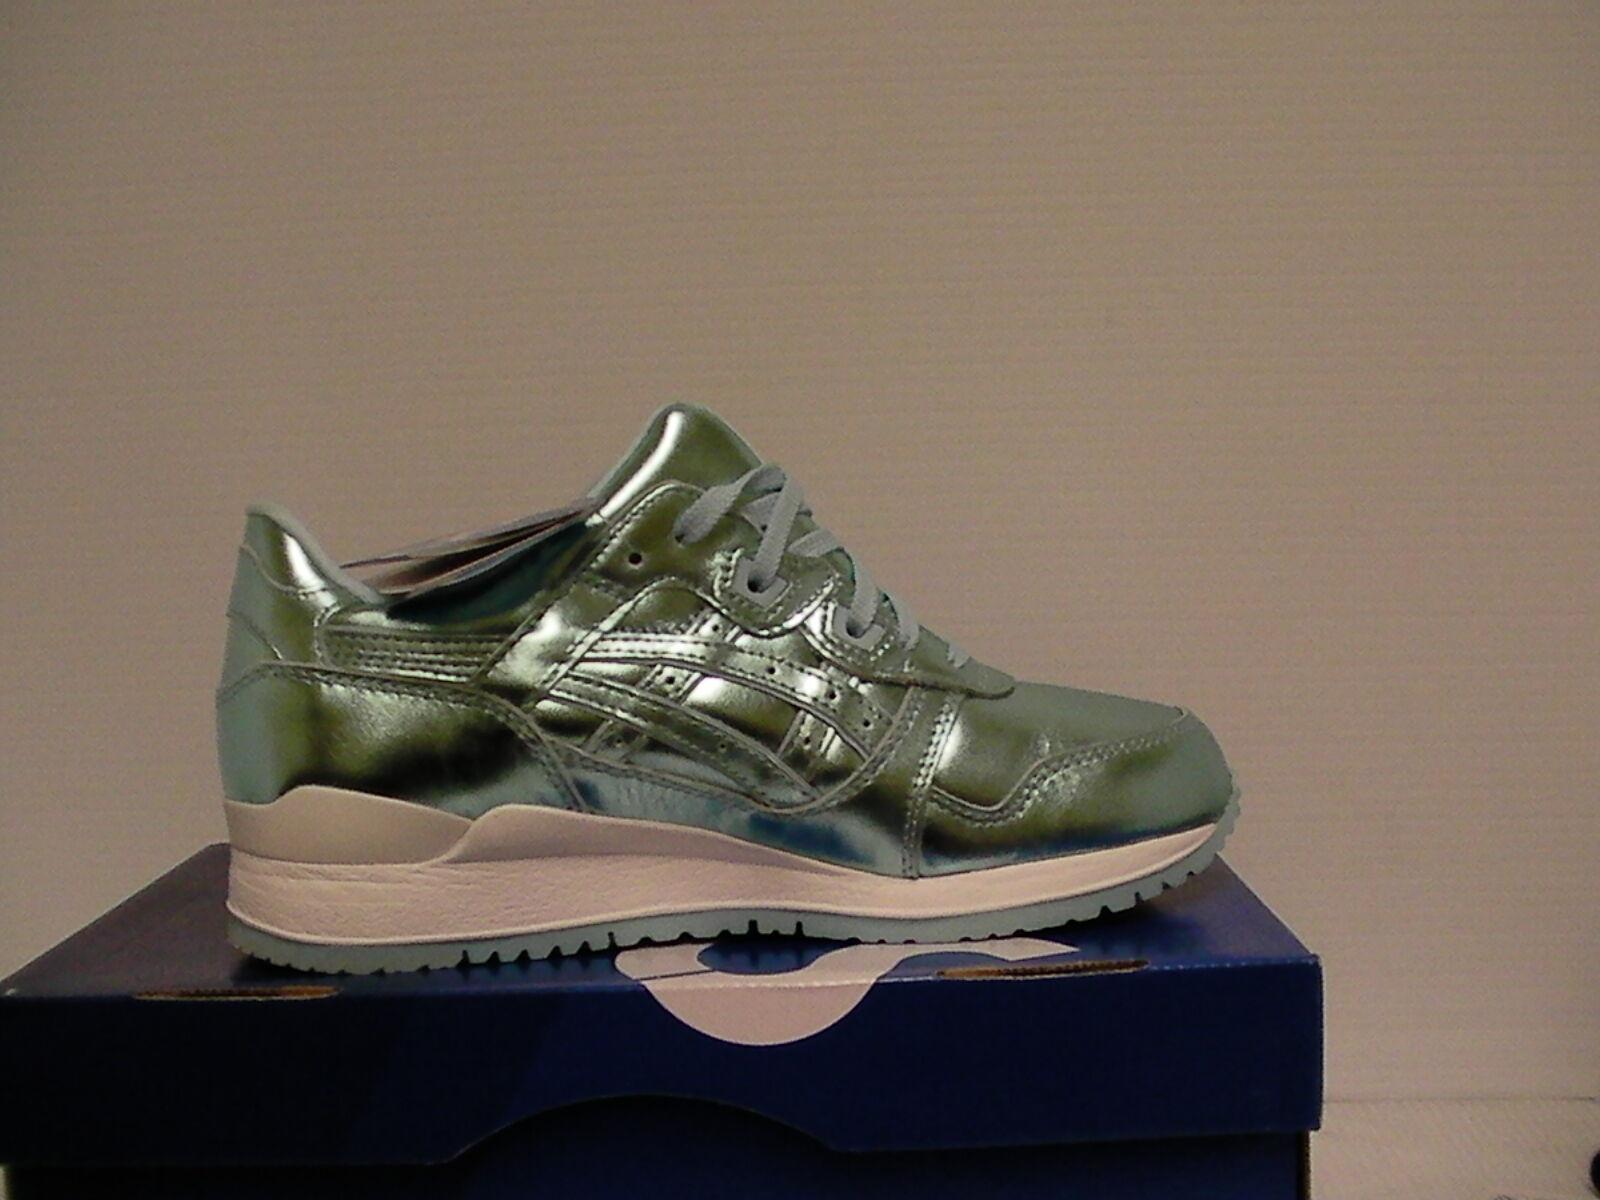 les les les chaussures de femmes gel bleu glacier lyte iii) nouvelles boîtes taille 7,5 a5a1b2